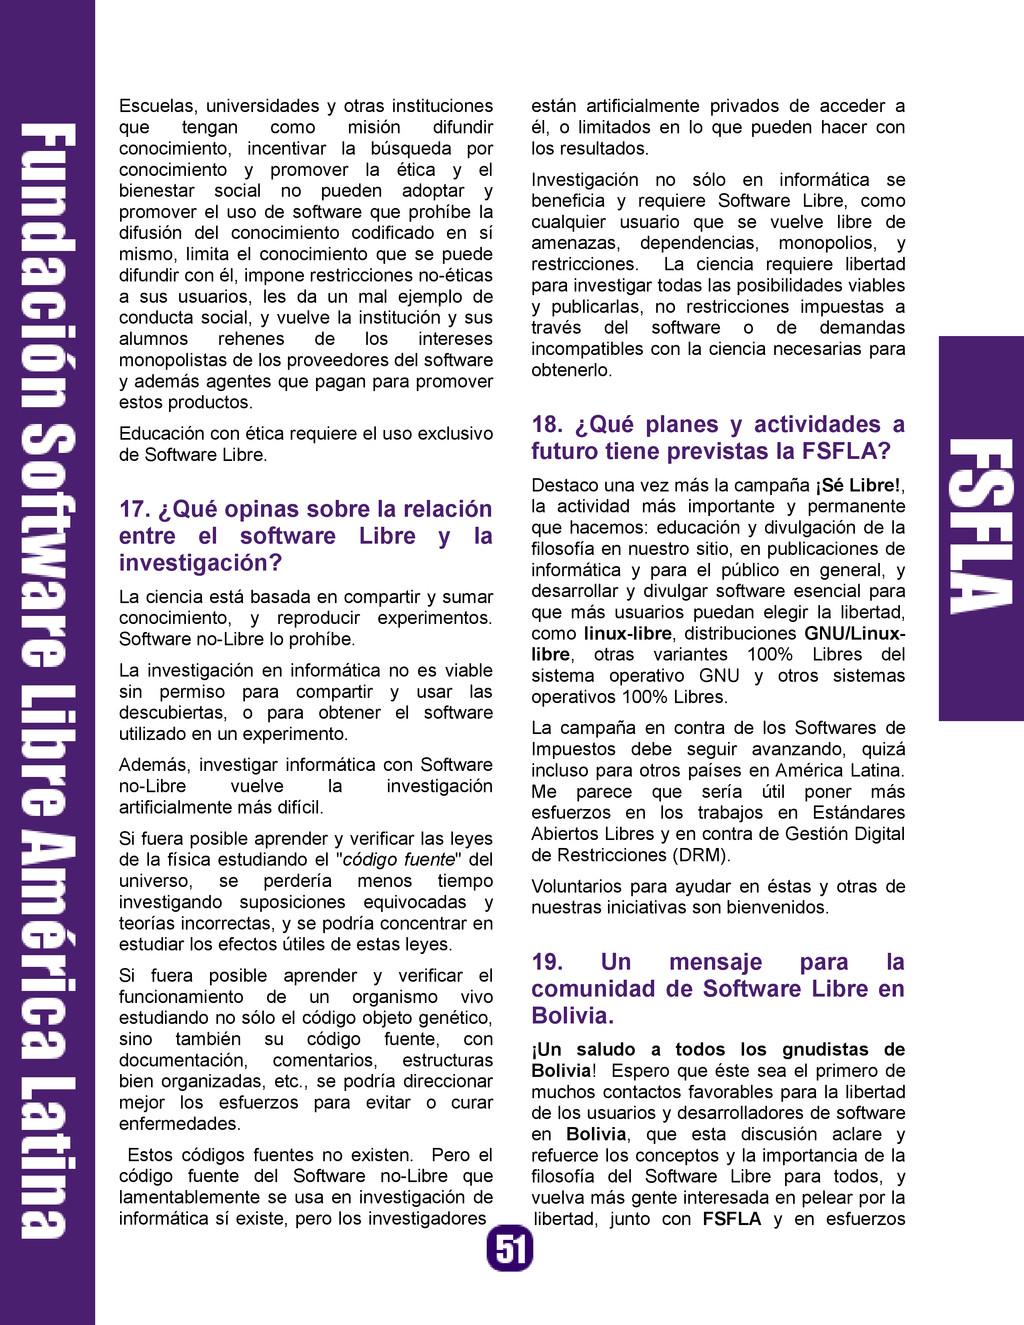 Escuelas, universidades y otras instituciones q...